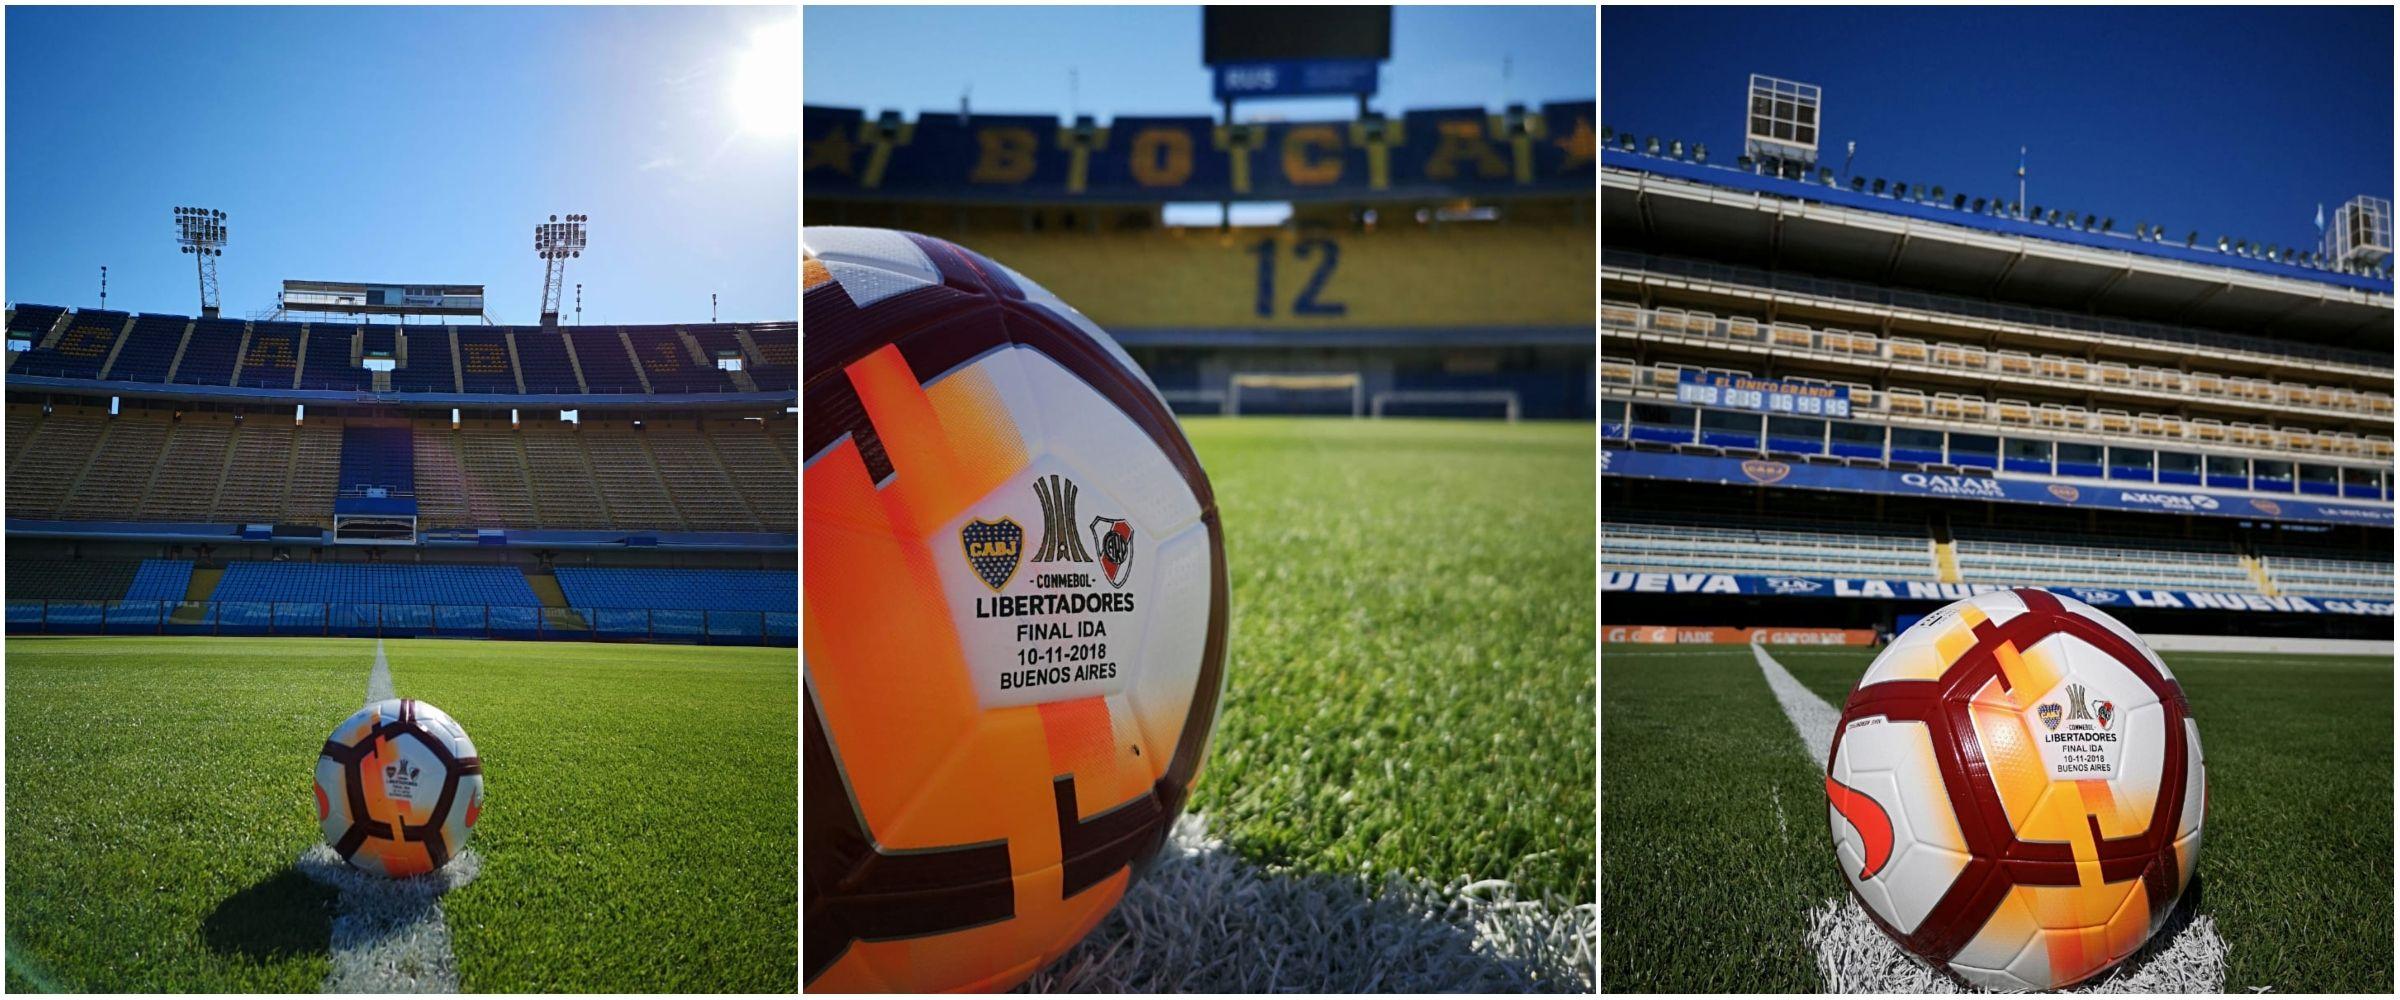 La pelota oficial del Boca - River ya está en La Bombonera